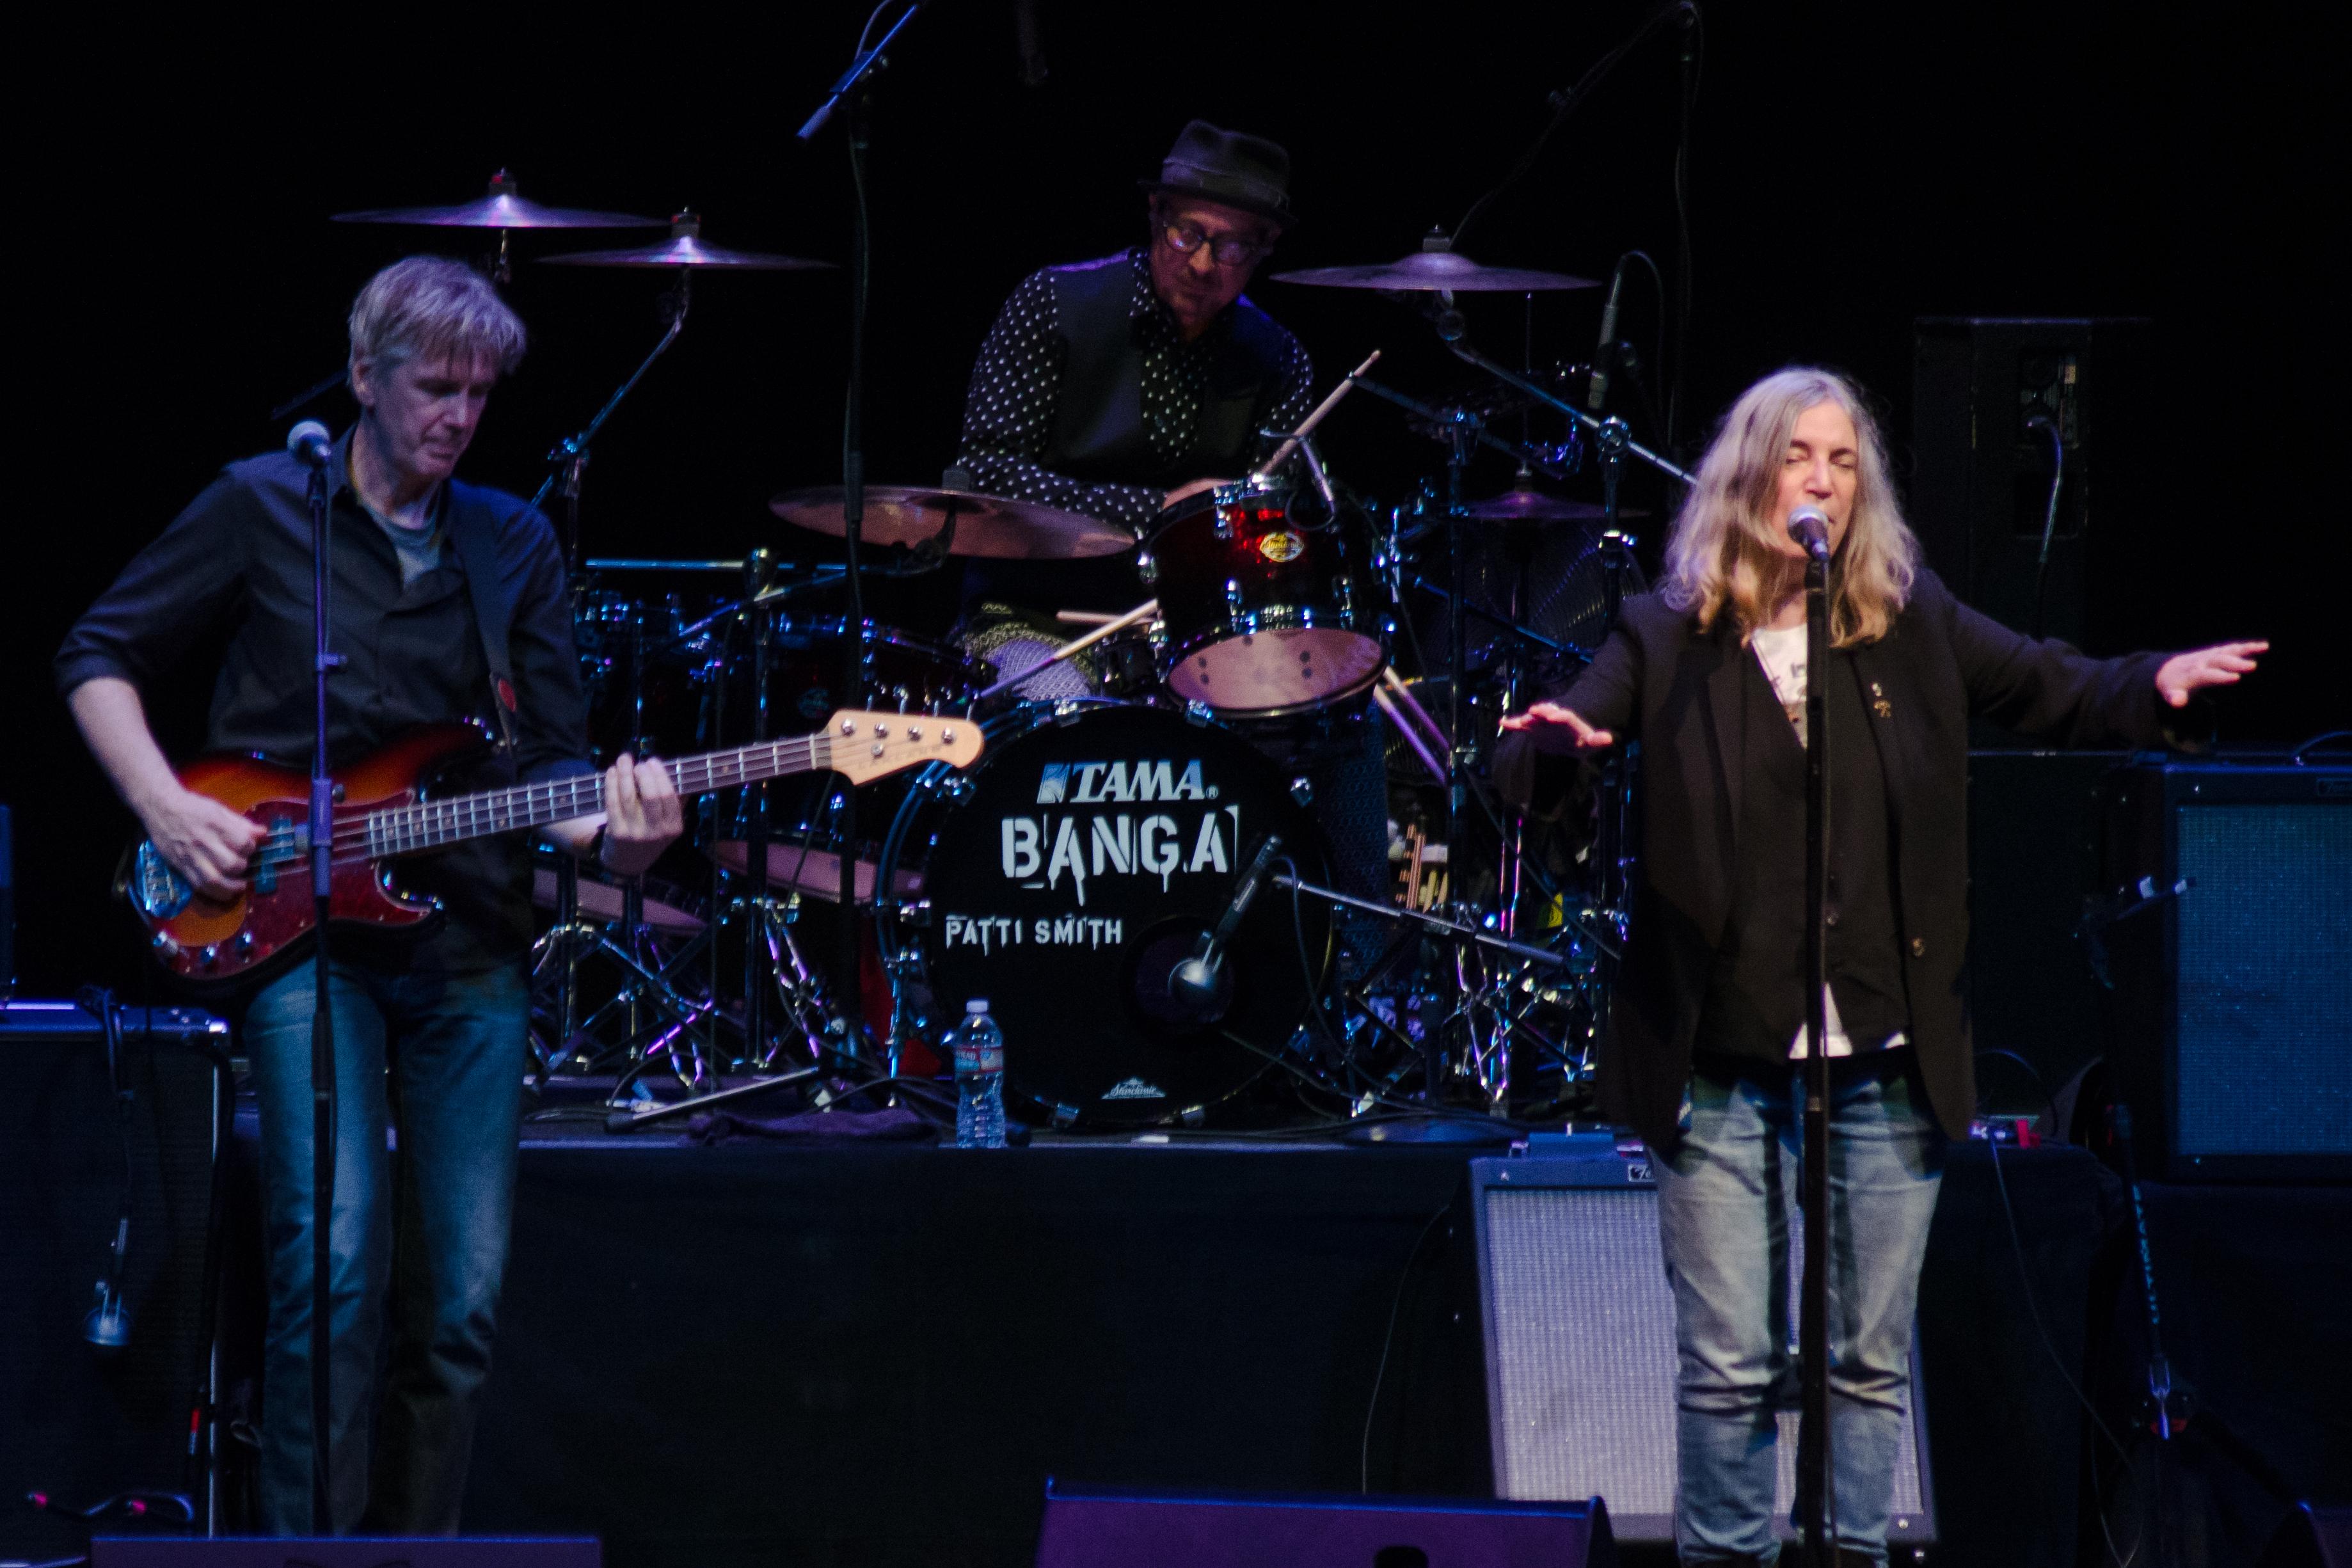 Patti Smith Plays Explosive Show at the Granada